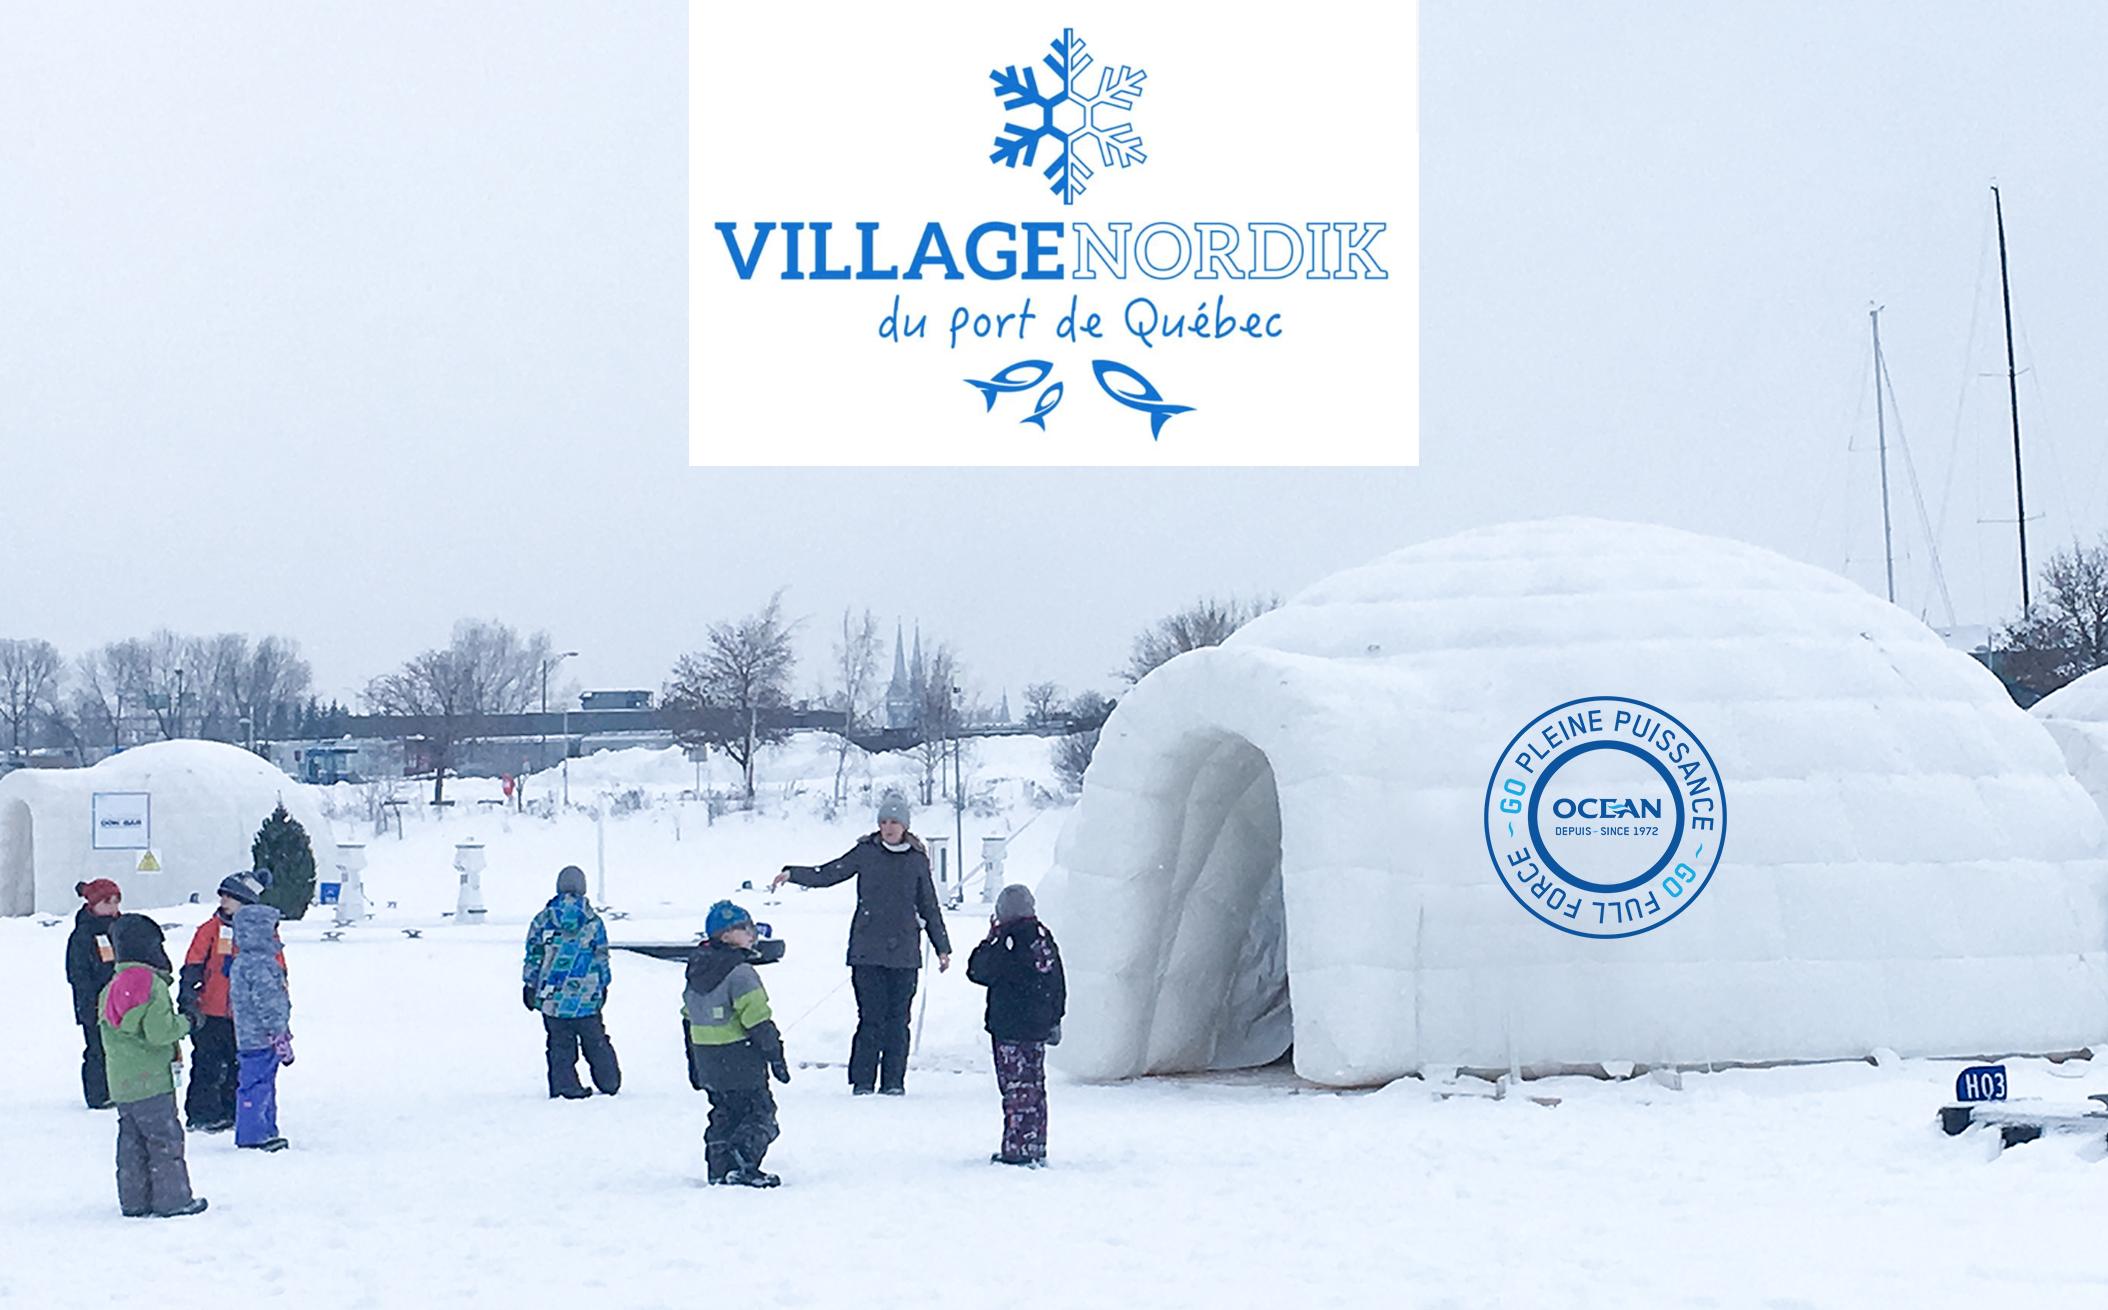 Océan partenaire de l'événement le Village Nordik du Port de Québec